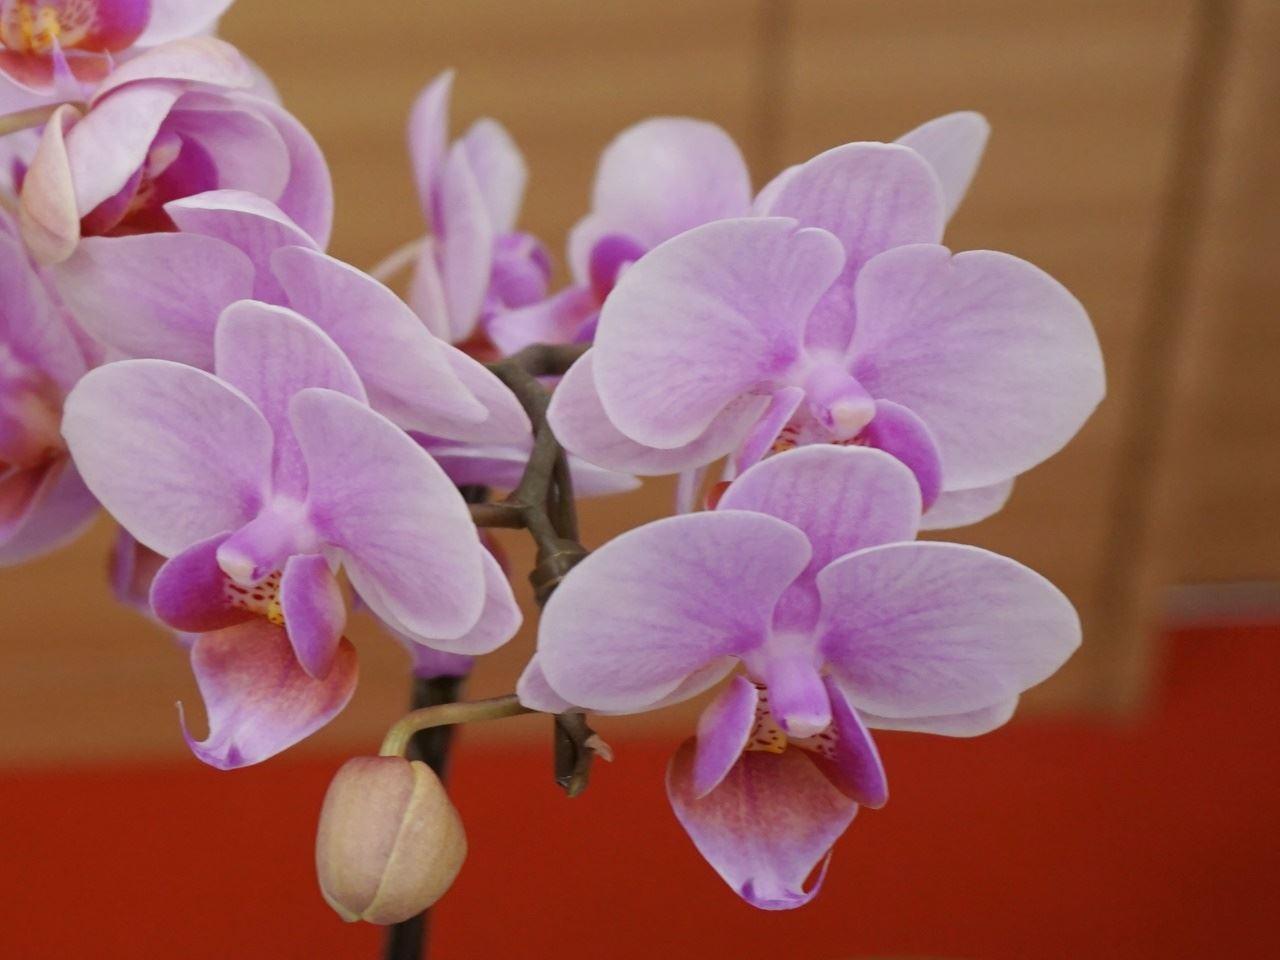 【イオン】 椎名洋ラン園 ミディ胡蝶蘭「ココロ」2本立(SUSTEE付) 花のクローズアップ